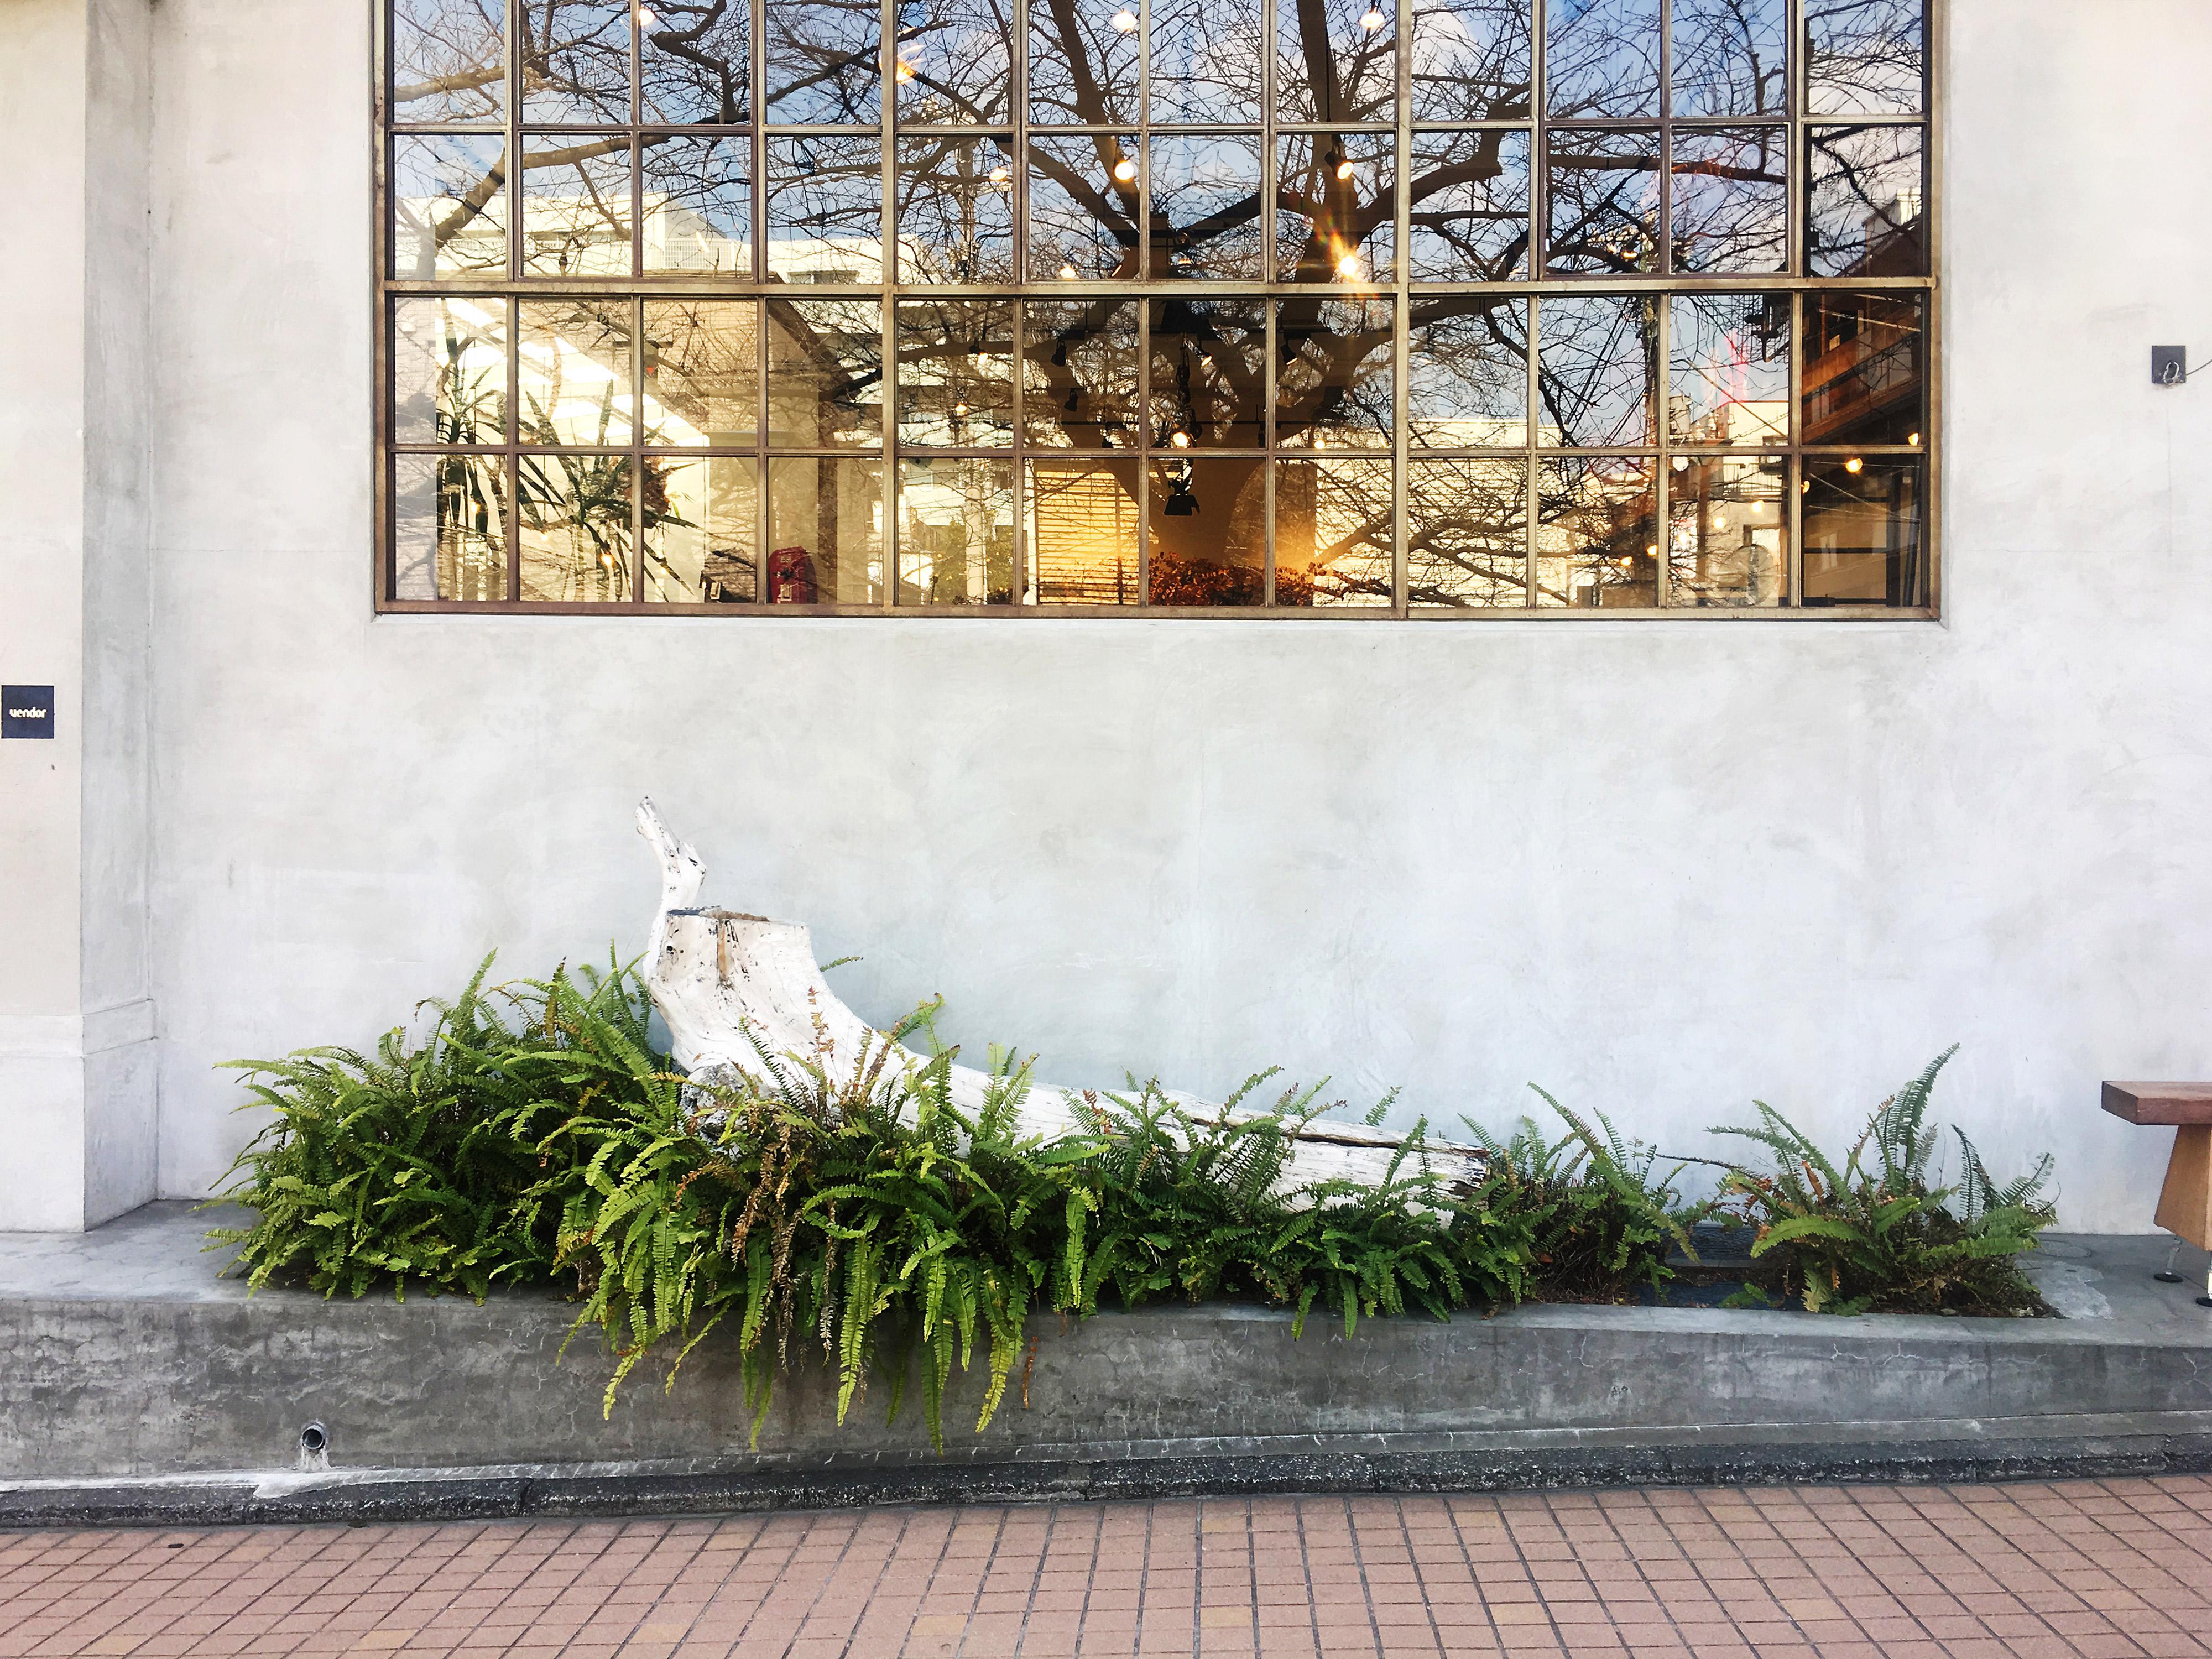 色彩のフィールドワーク:もてなす緑色彩計画家・加藤幸枝 中目黒の桜が映り込む窓